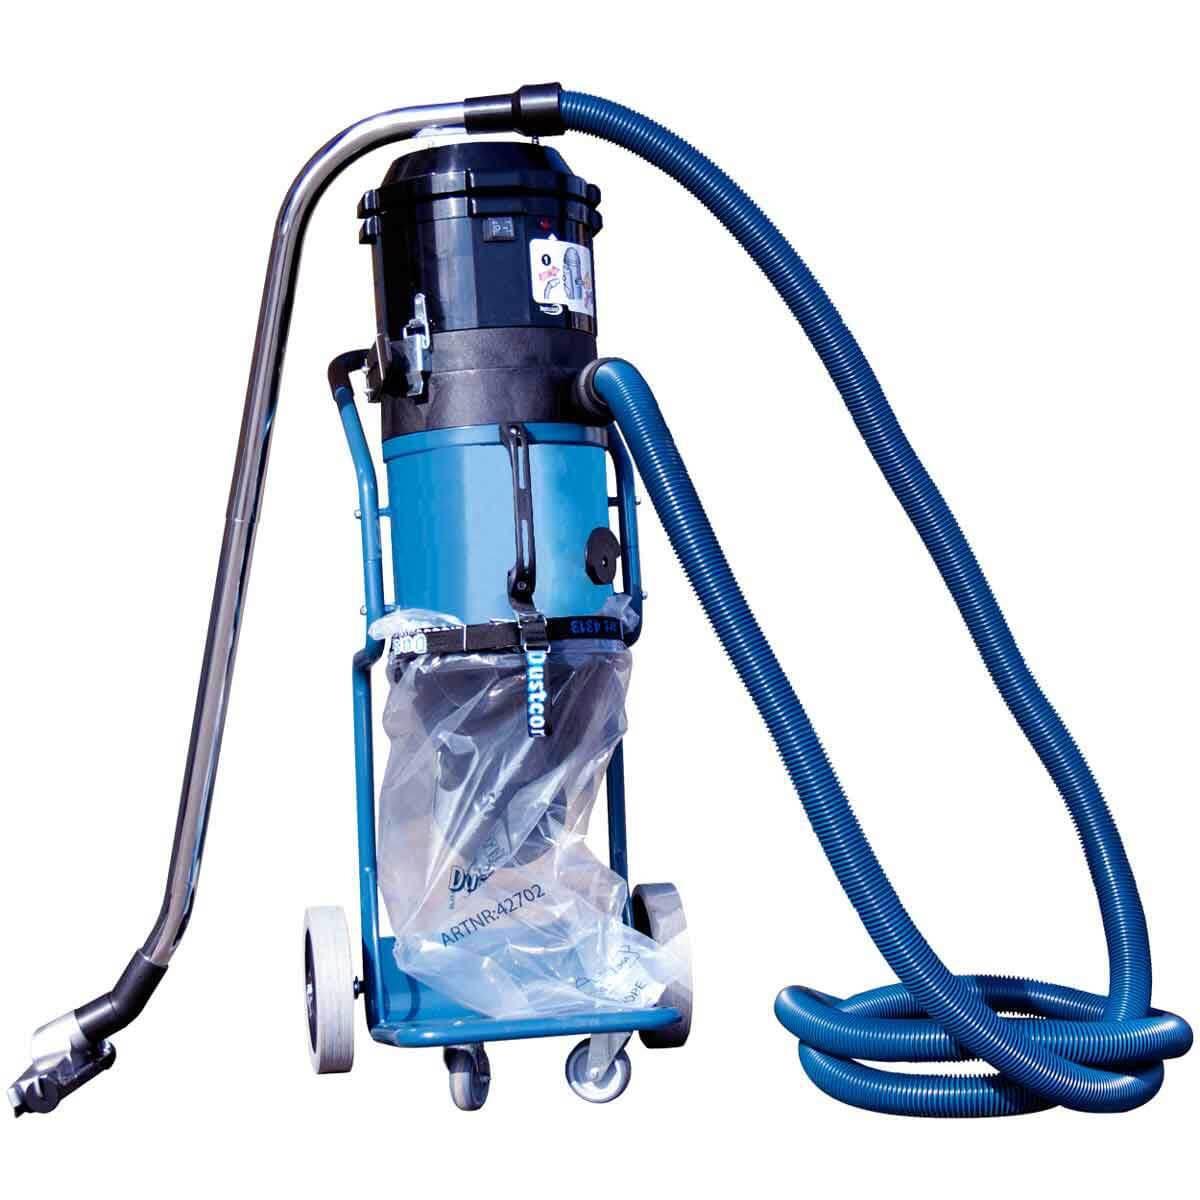 DustControl DC 2900c tool vacuum